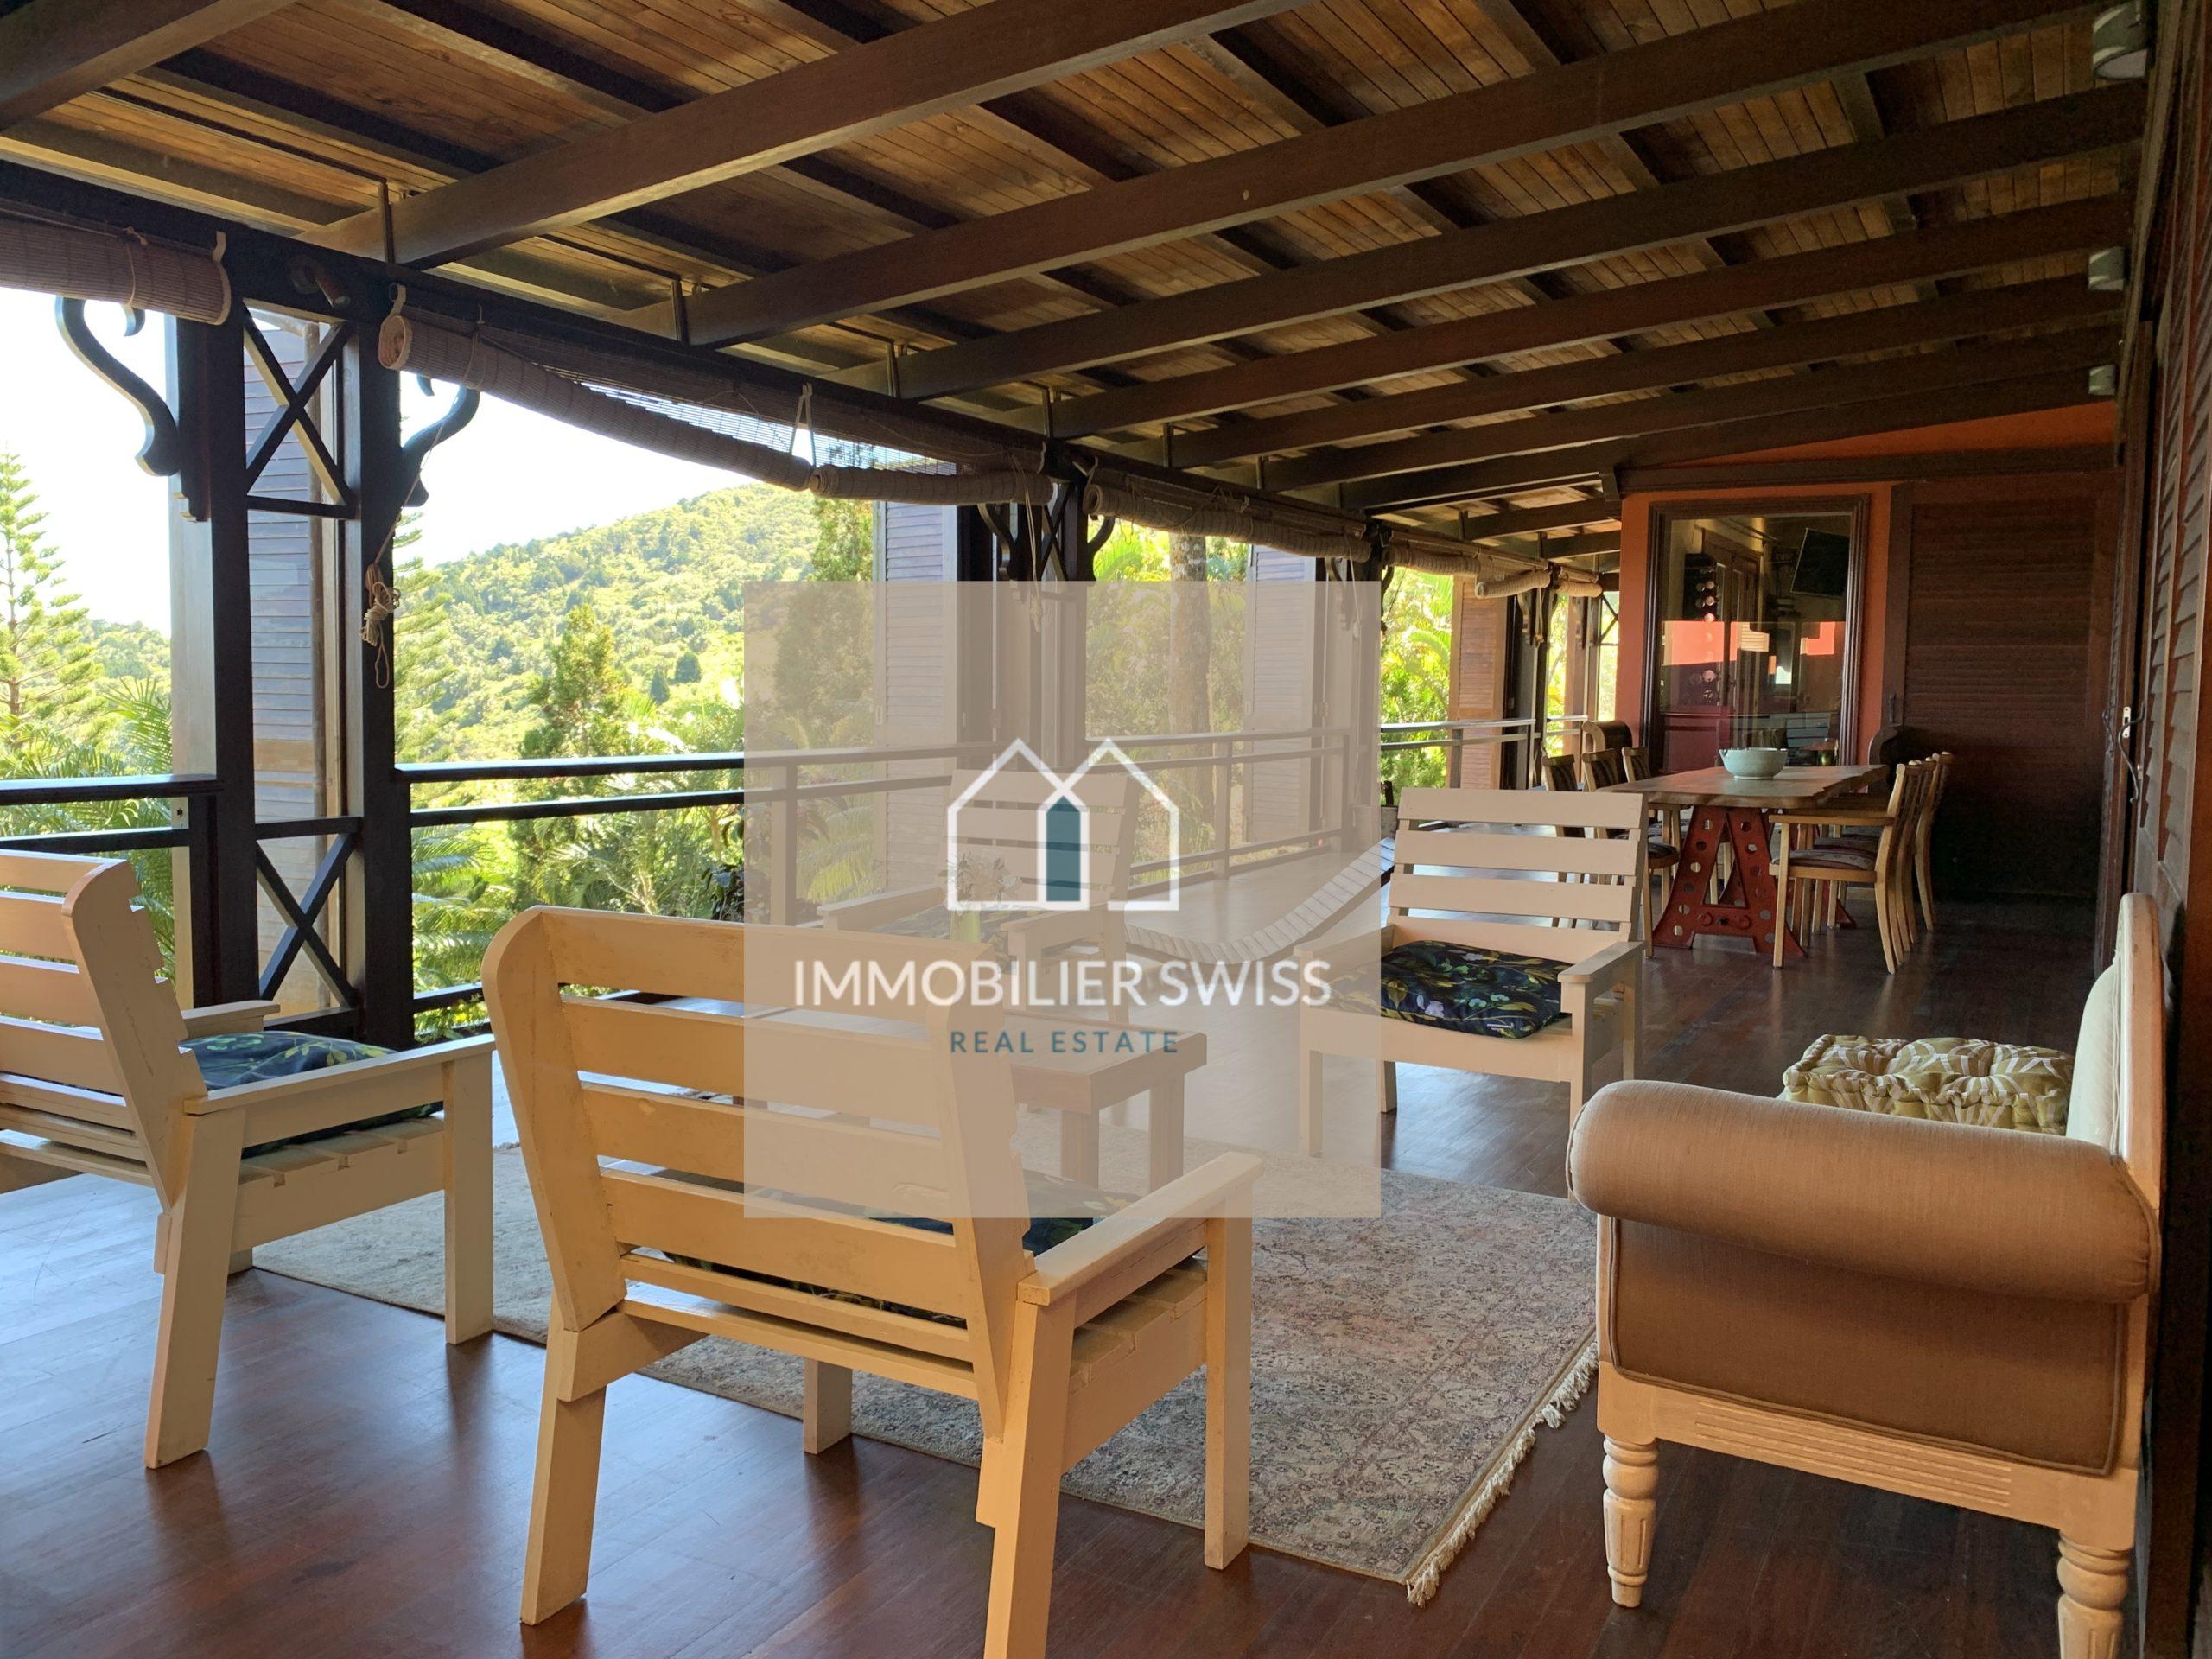 À VENDRE Villa de 3 chambres surface 486 m² Terrain 37988m²| Île Maurice